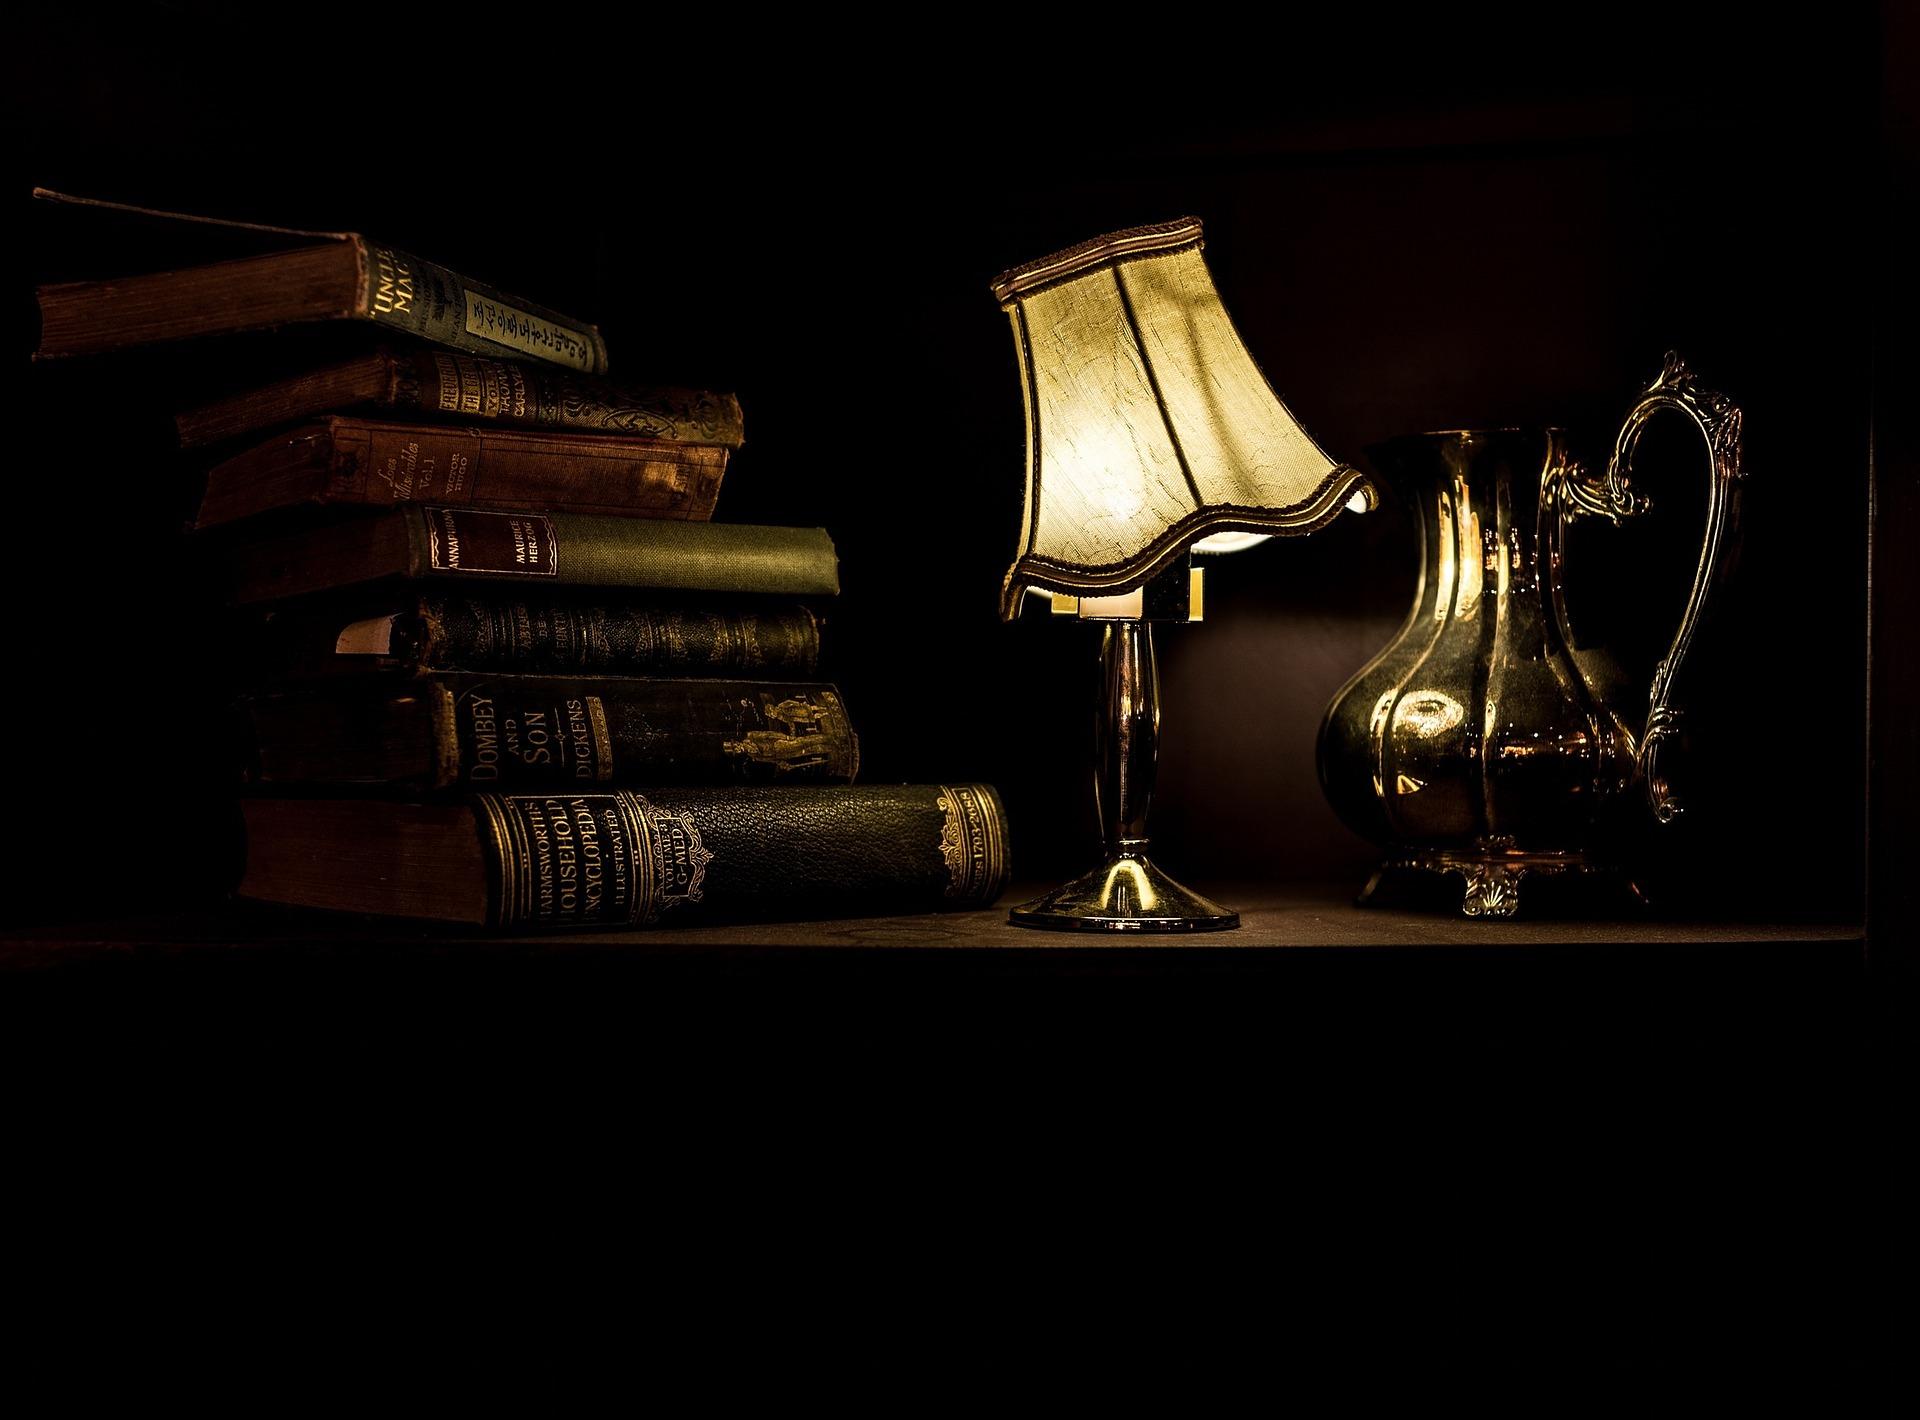 起業ノウハウや税金など起業する前に読むべきおすすめの3冊の本